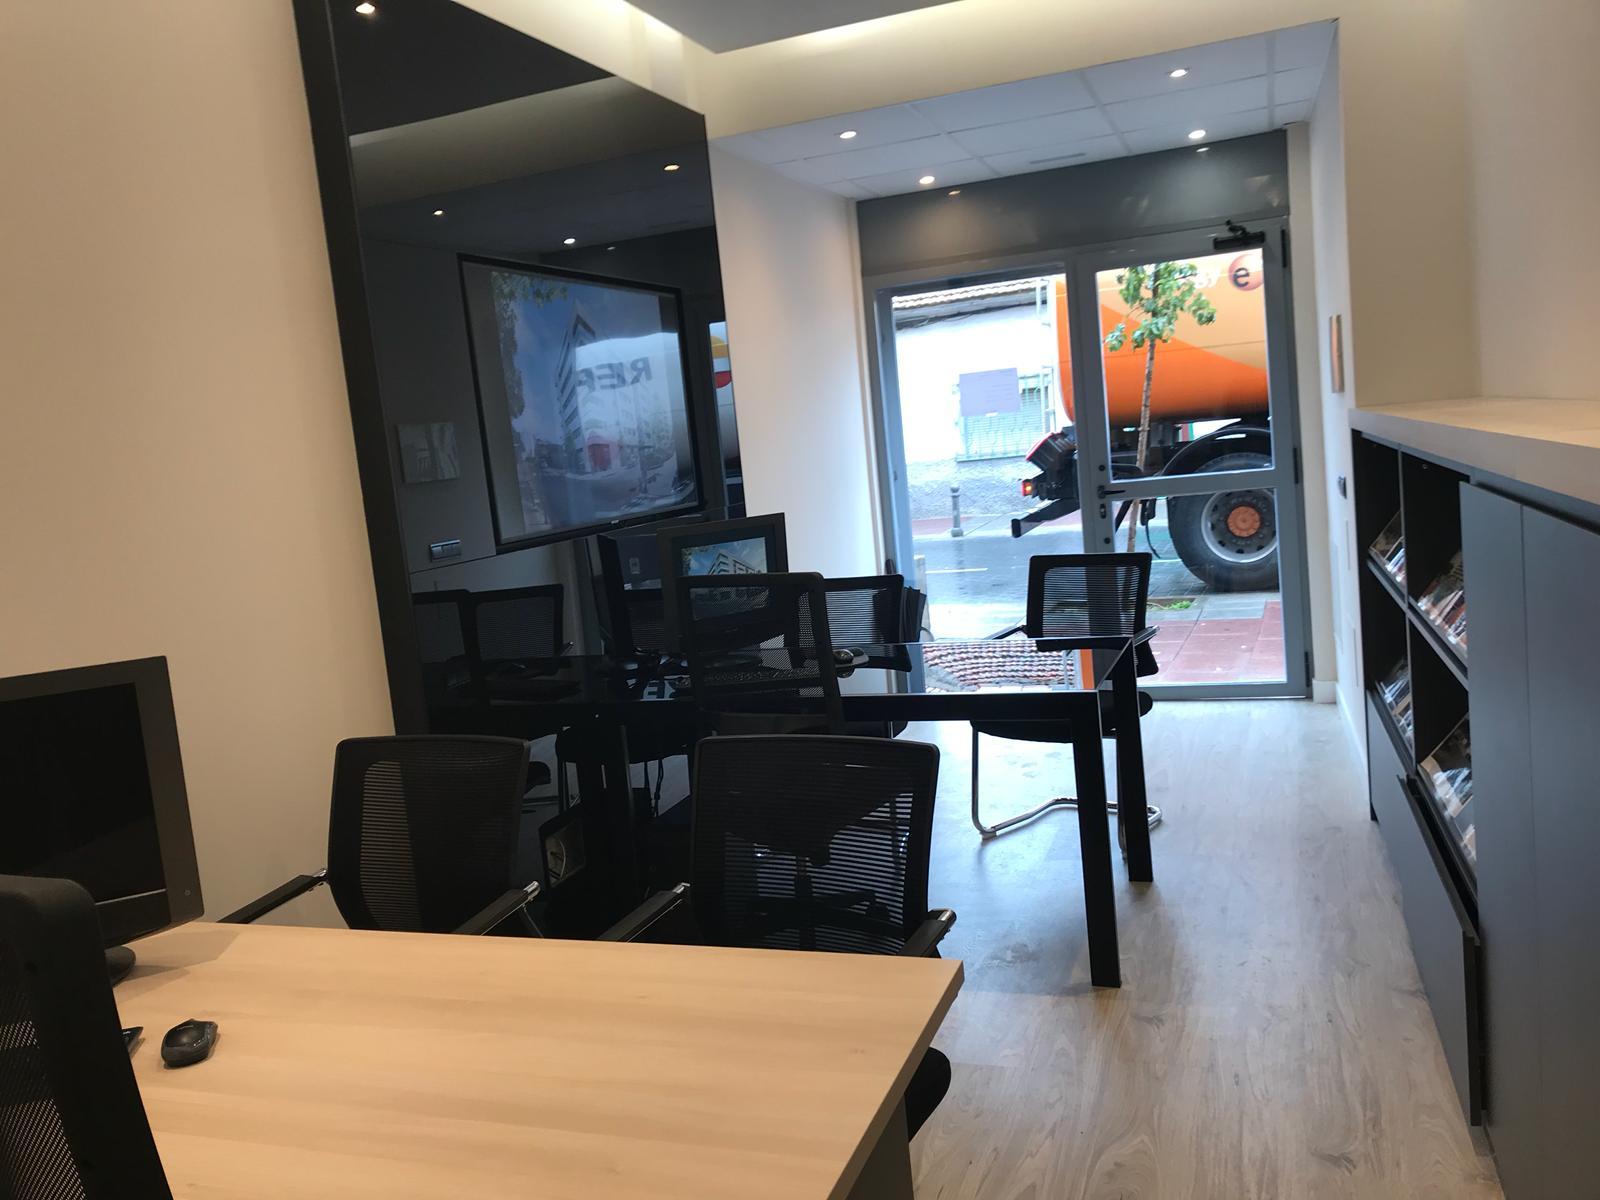 Grupo em inmobiliaria estrena oficina en torrej n de ardoz for Oficina de empleo torrejon de ardoz